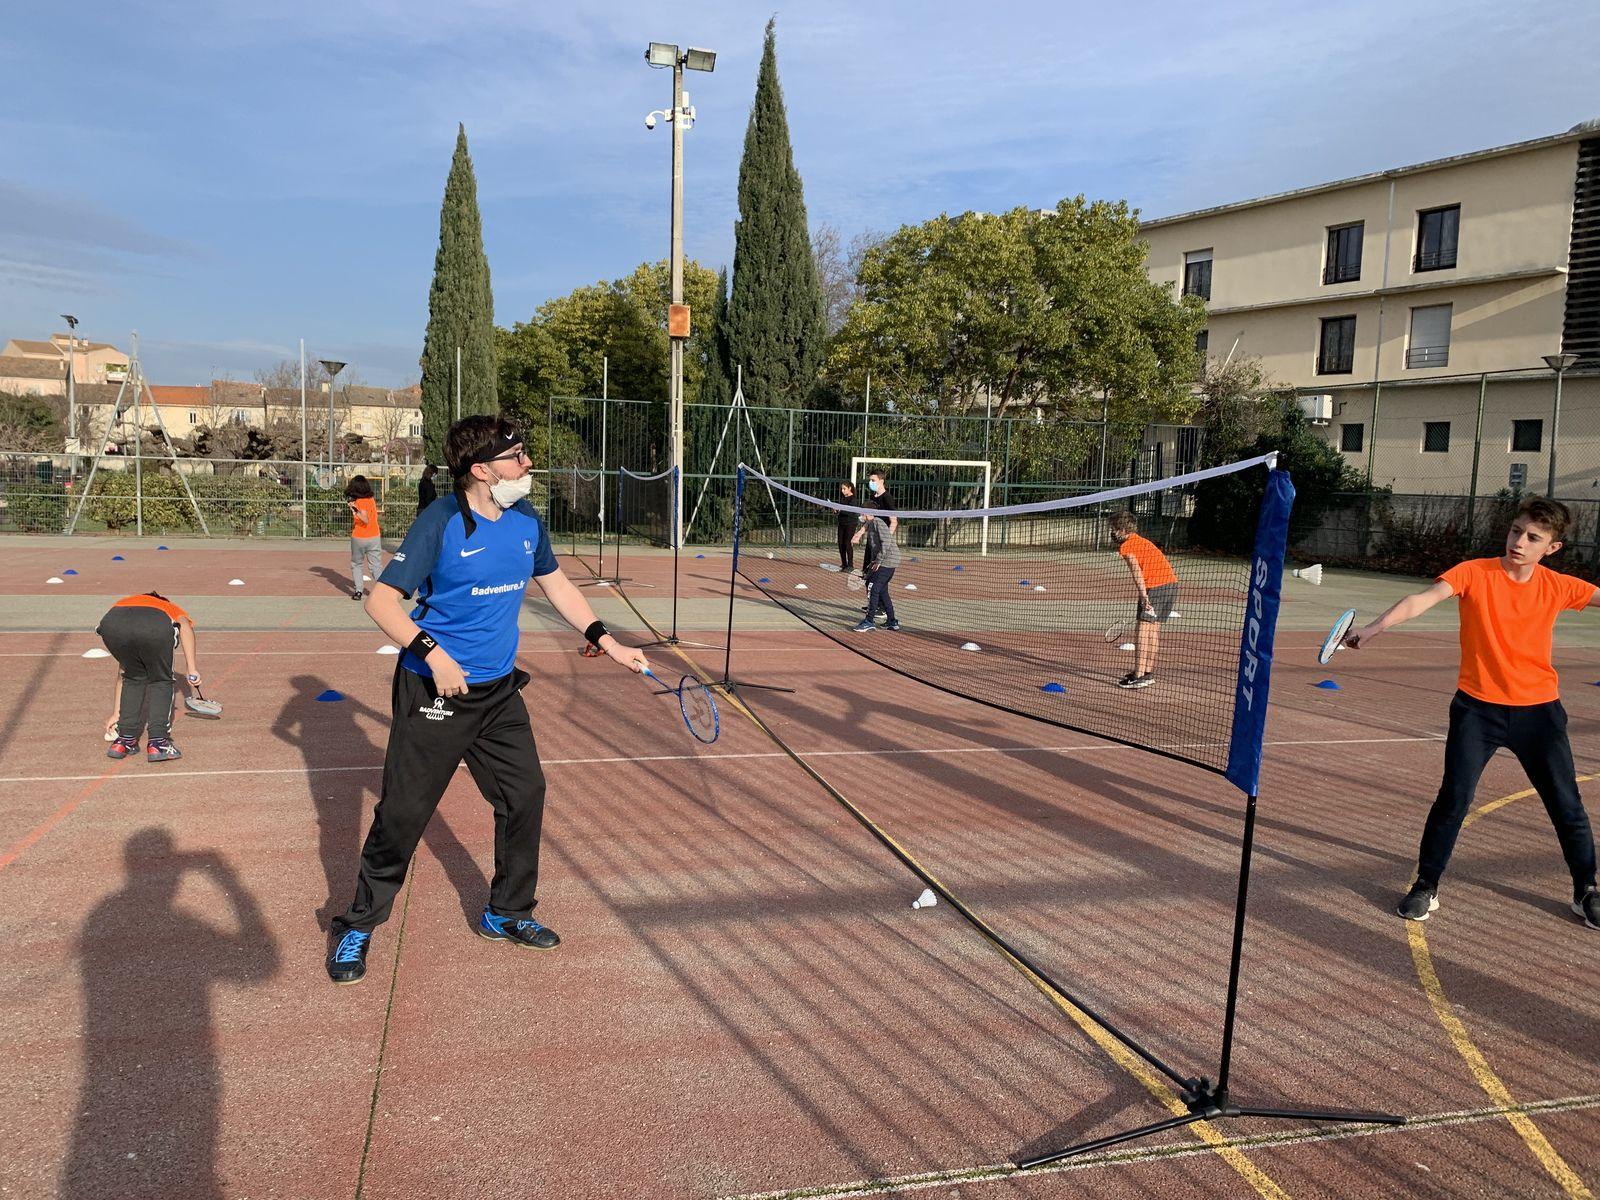 Un athlète parabadminton membre de l'équipe de France devient le parrain de la section sportive !